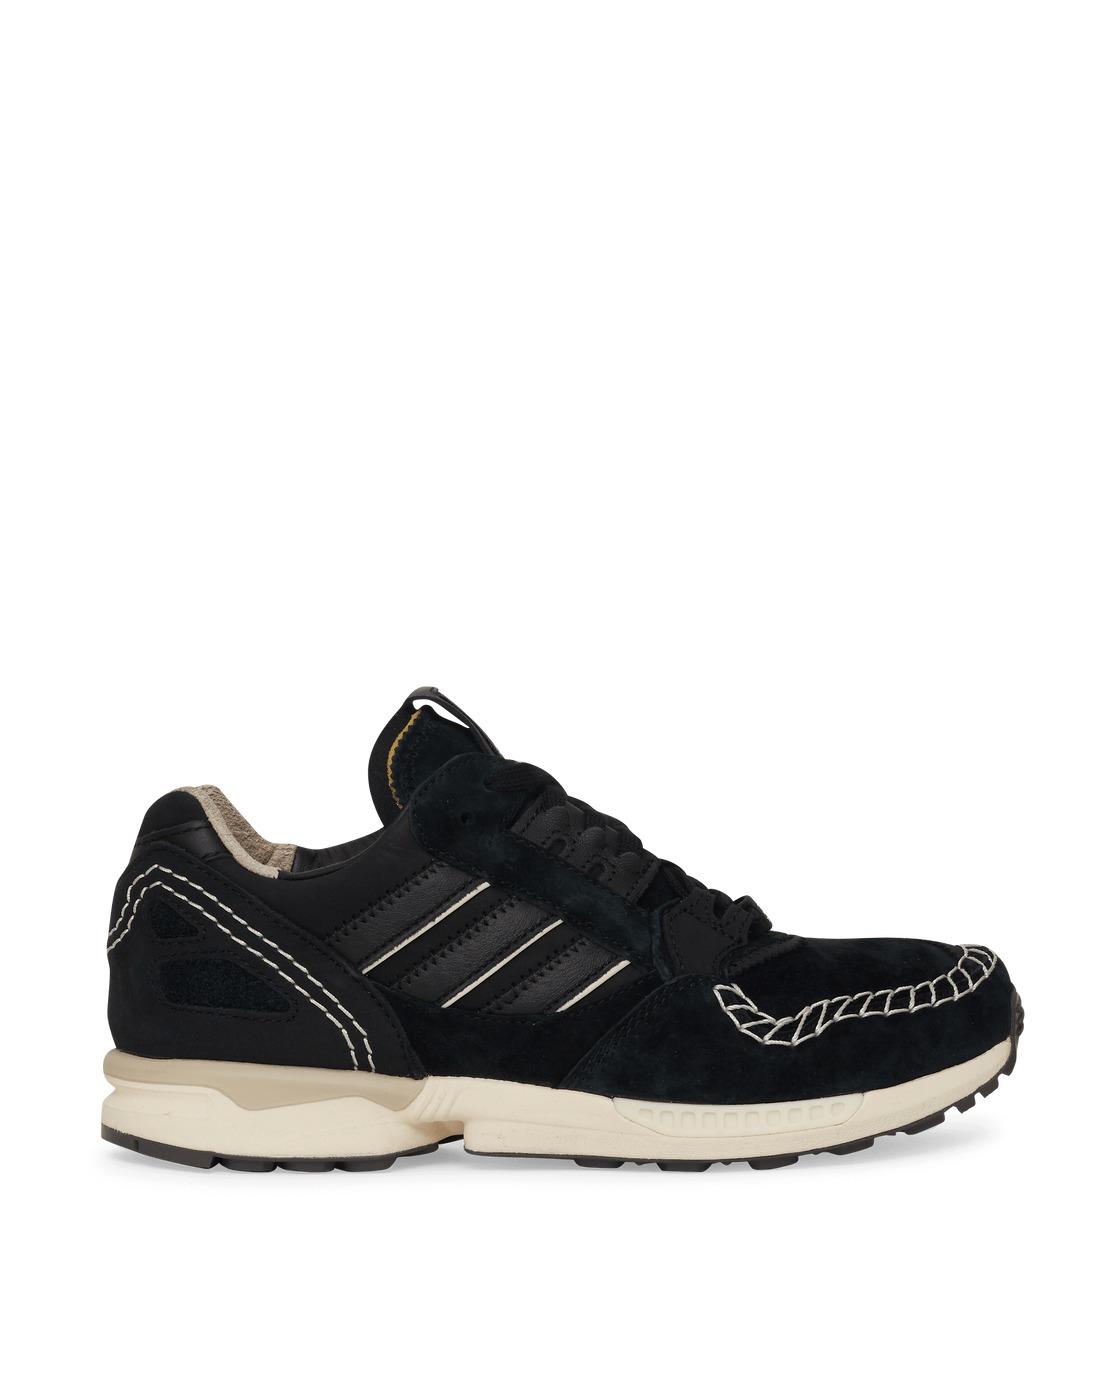 Adidas Originals Azx: Y   Yucatan Zx 9000 Moc Sneakers Core Black/Core Black